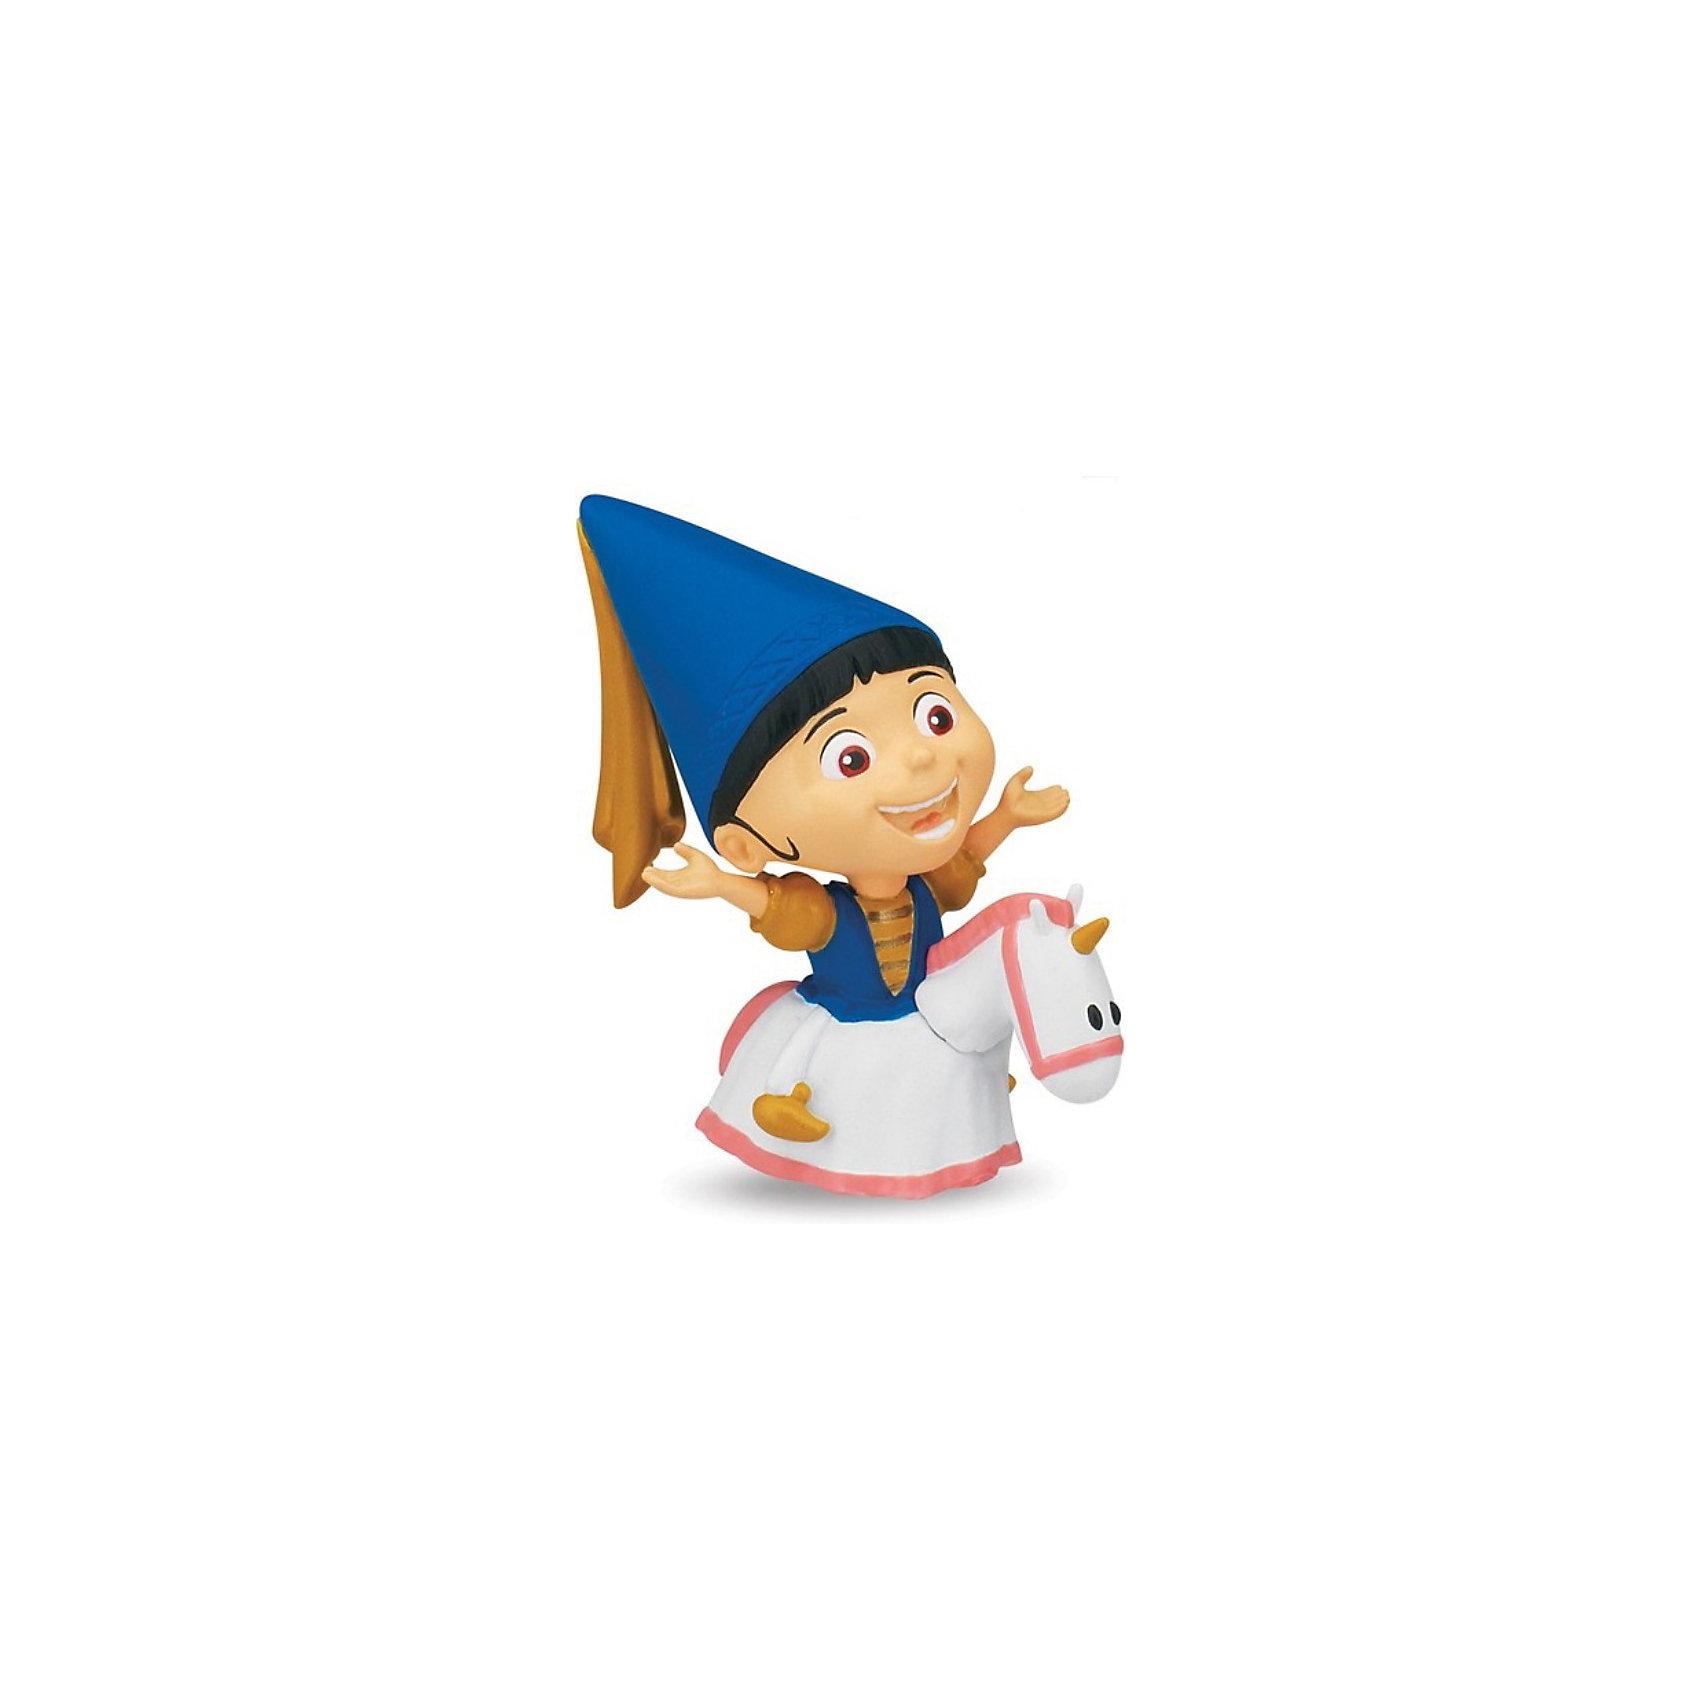 Принцесса Агнес,  Гадкий ЯФигурка Принцессы Агнес, Гадкий Я создана по мотивам популярного мультфильма Гадкий Я (Despicable Me) и придется по душе всем его поклонникам. Маленькая девочка Агнес - одна из героинь мультфильма, приемная дочь злодея Грю, создавшего армию миньонов. Она очень любит единорогов, особенно больших и пушистых. В наборе Агнес представлена в образе принцессы верхом на своем любимом единороге. У фигурки подвижные руки.<br><br>Дополнительная информация:<br><br>- Материал: пластик.<br>- Высота фигурка: 5 см.<br>- Размер упаковки: 10 х 5 х 19 см.<br>- Вес: 100 гр.<br><br>Принцессу Агнес, Гадкий Я можно купить в нашем интернет-магазине.<br><br>Ширина мм: 100<br>Глубина мм: 50<br>Высота мм: 190<br>Вес г: 100<br>Возраст от месяцев: 36<br>Возраст до месяцев: 84<br>Пол: Женский<br>Возраст: Детский<br>SKU: 3893468